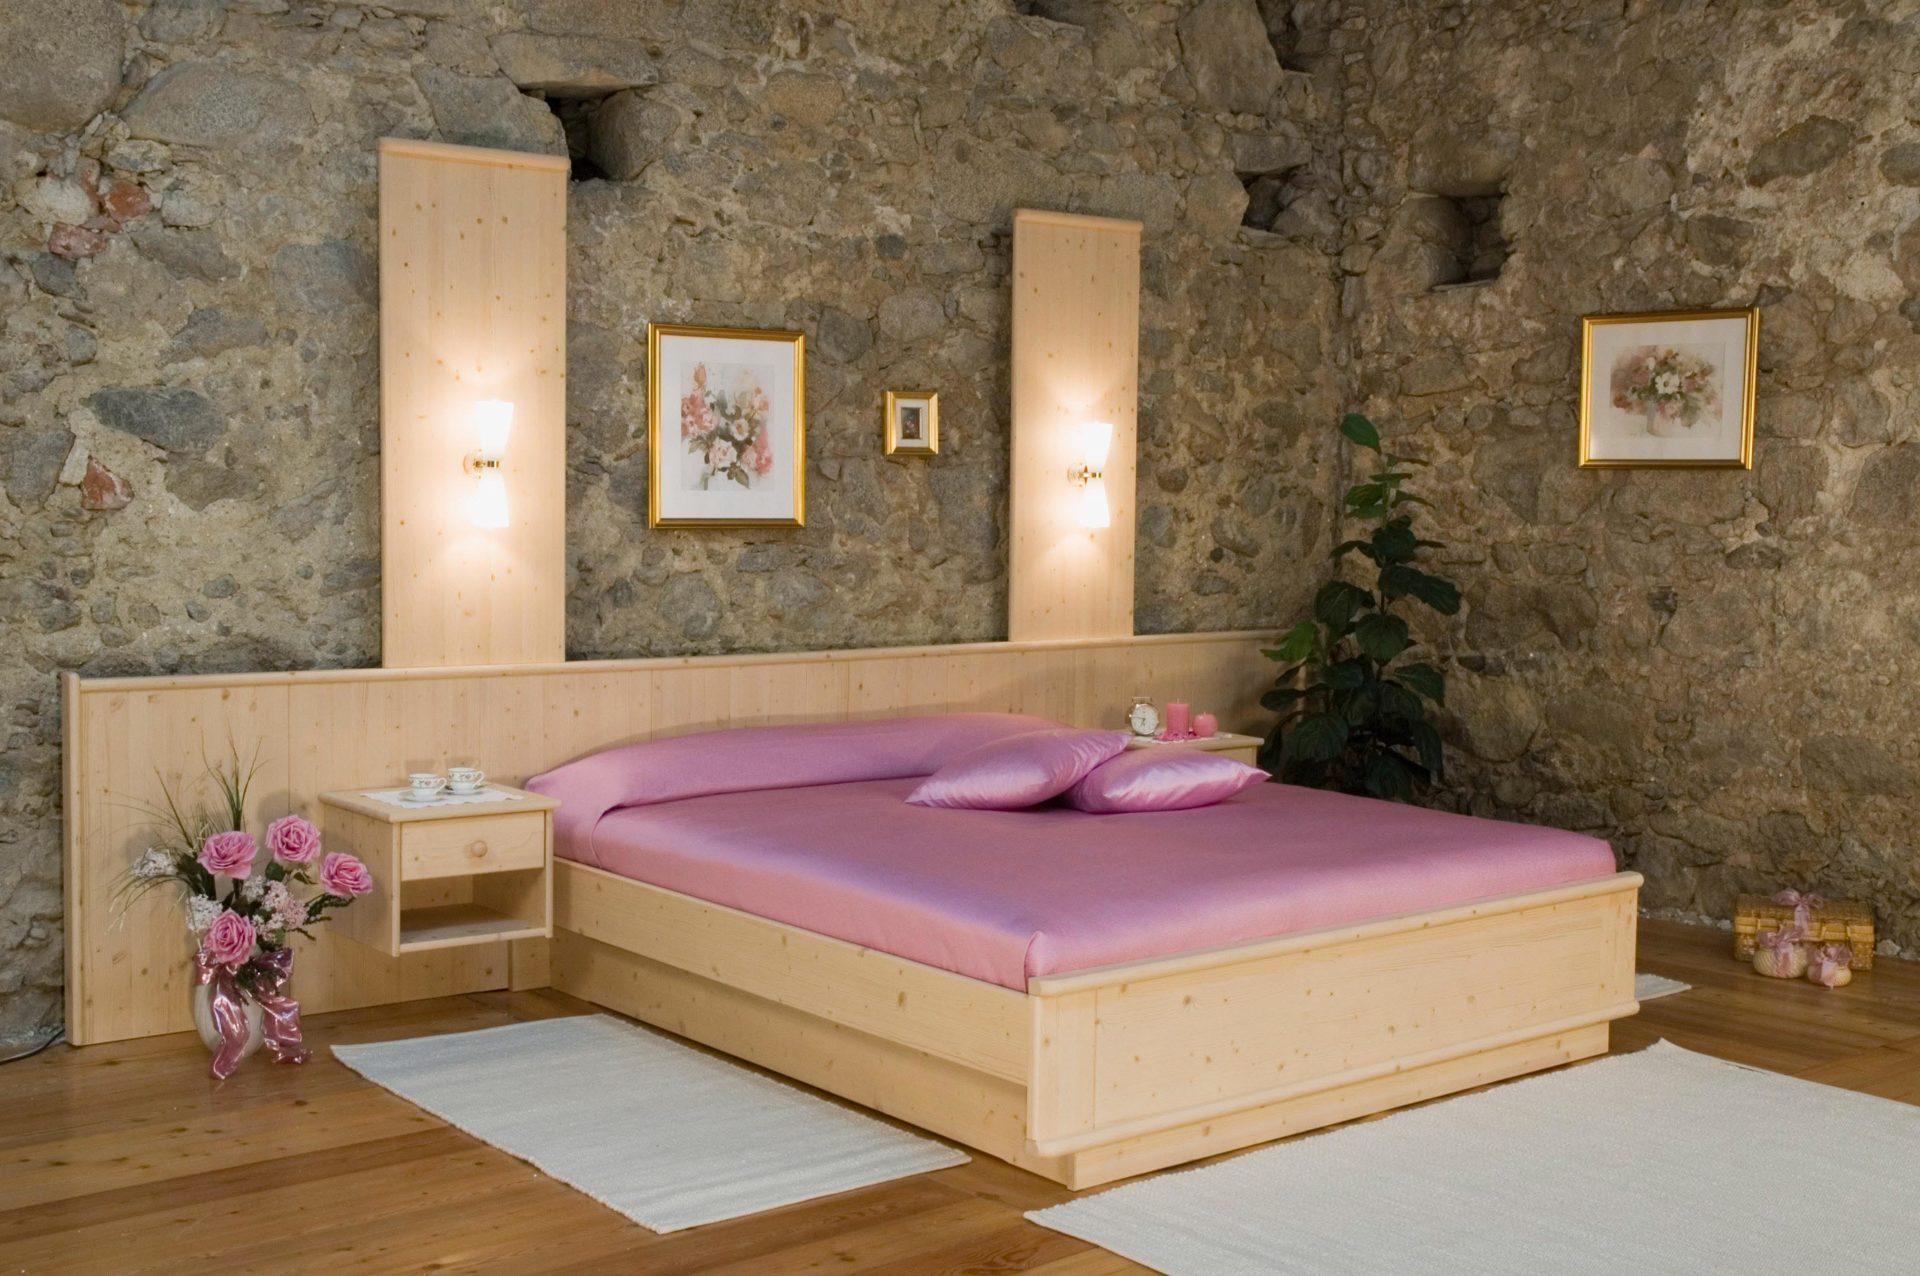 schlafzimmer zirbenholz – abomaheber, Schlafzimmer ideen